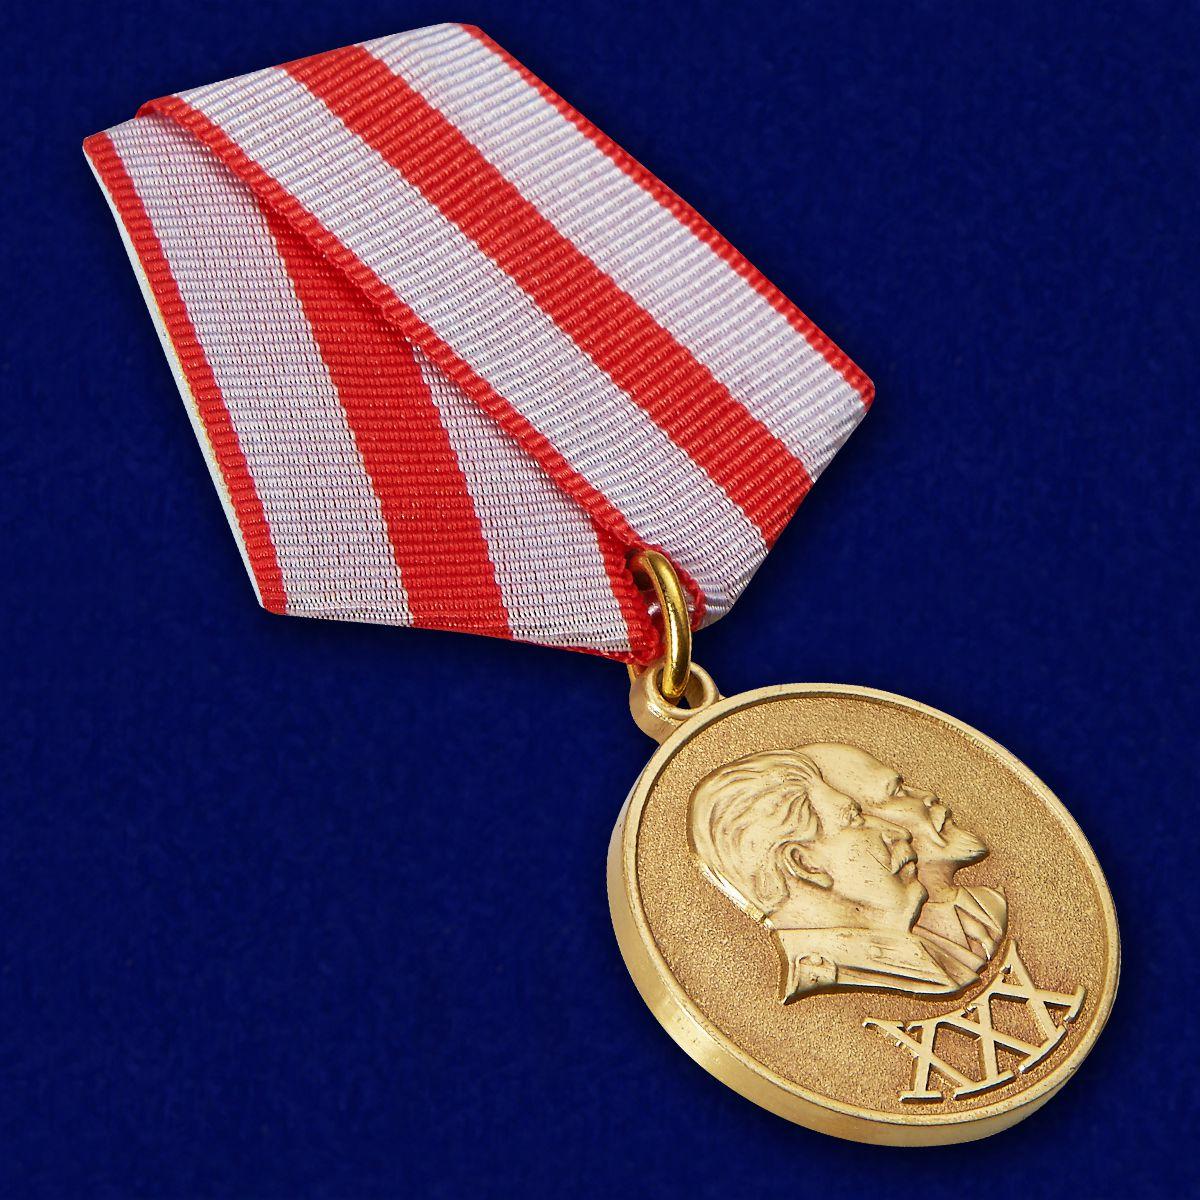 Юбилейная медаль «30 лет Советской Армии и Флота»